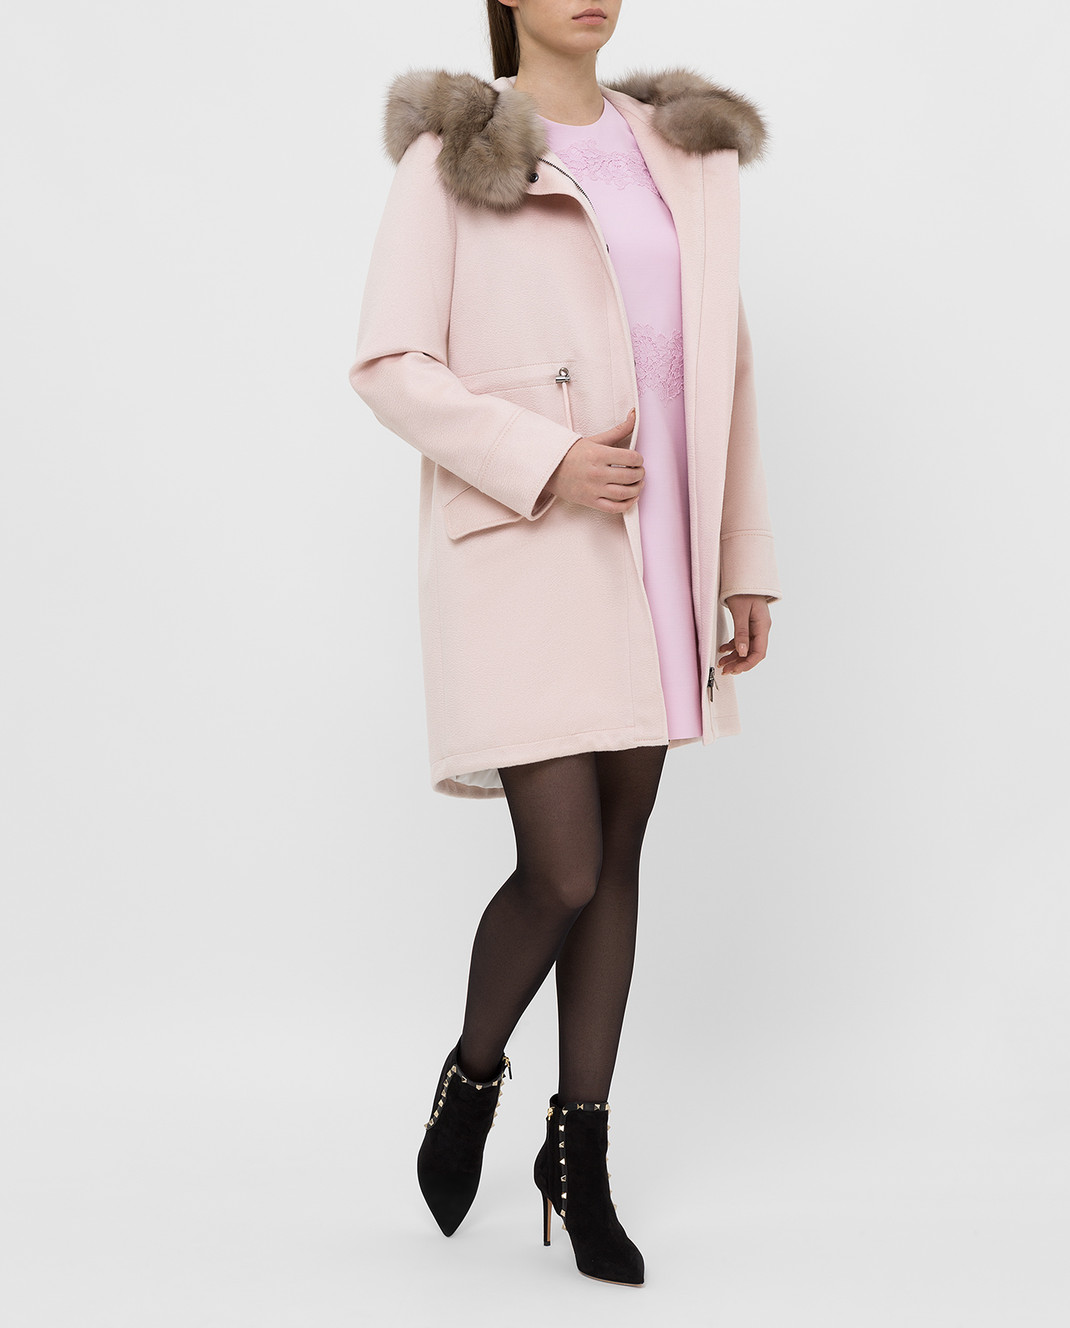 Real Furs House Светло-розовая парка из кашемира с мехом соболя изображение 2